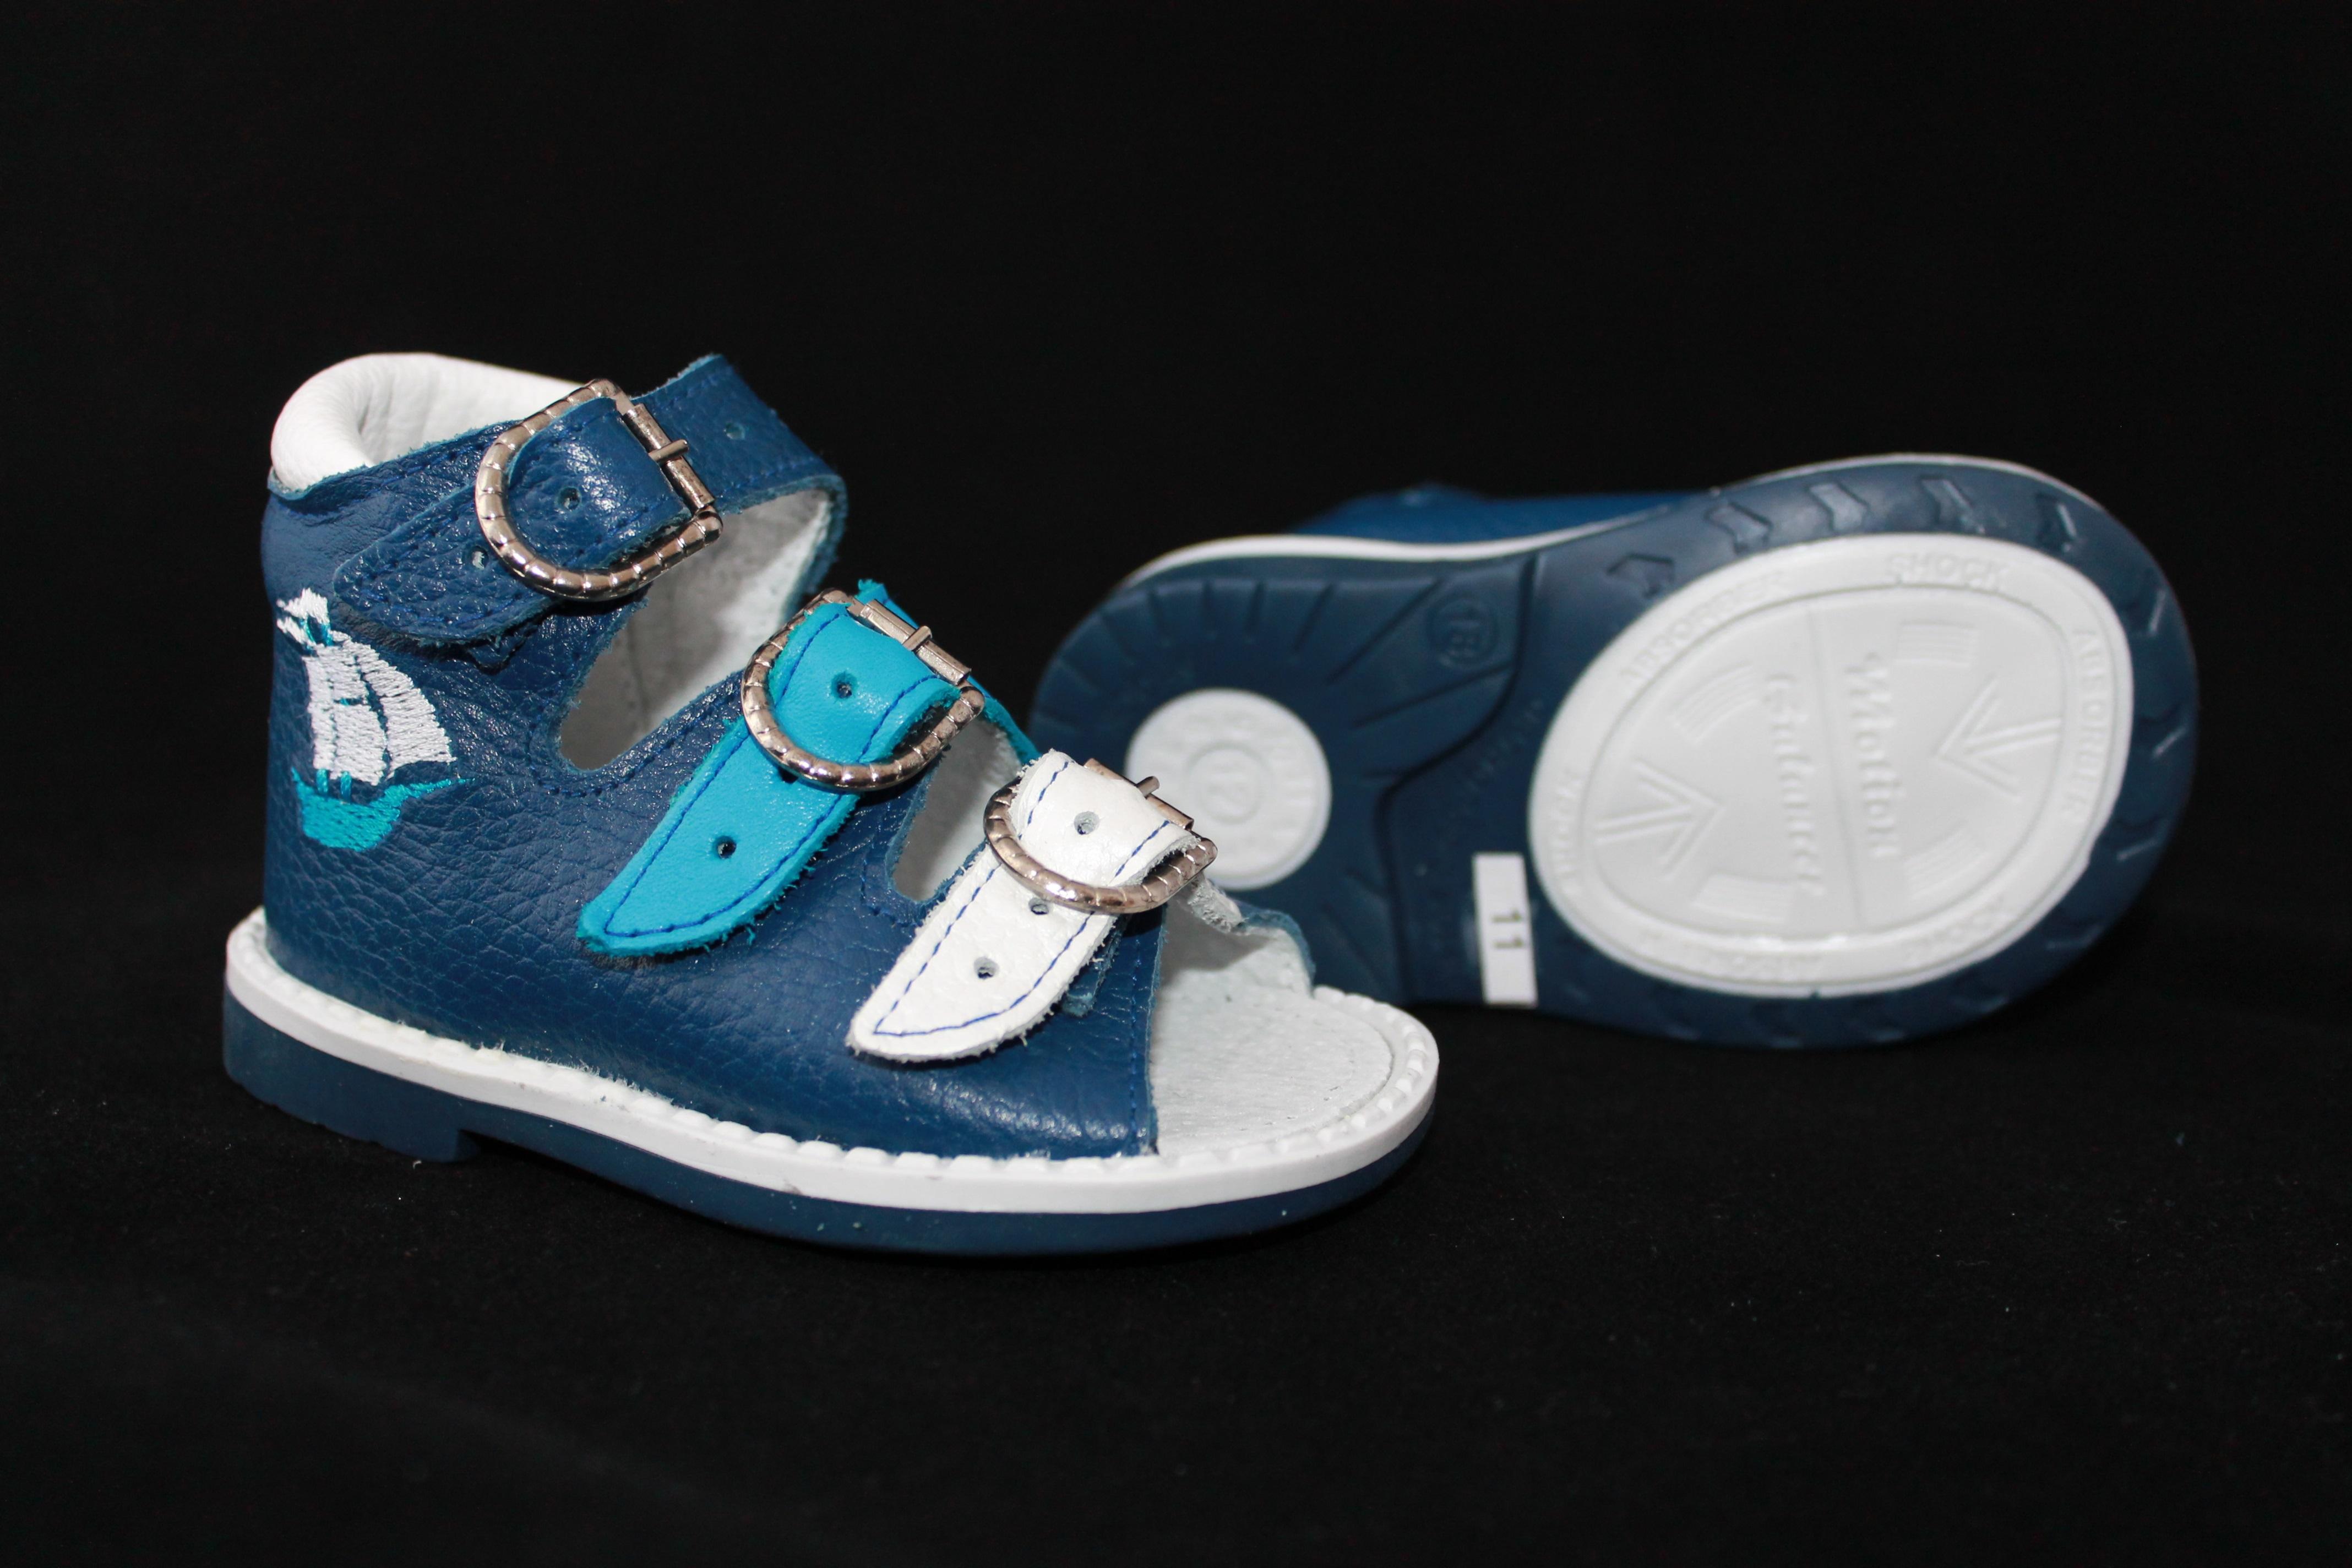 Сбор заказов. Детская Богородская обувная фабрика. Орто-сандалии 790 руб, сандалии-классика от 200 руб, ботиночки - осень, чешки, тапочки, пинетки. Без рядов. Консультирую по подбору нужного размера. Экспресс выкуп 17!